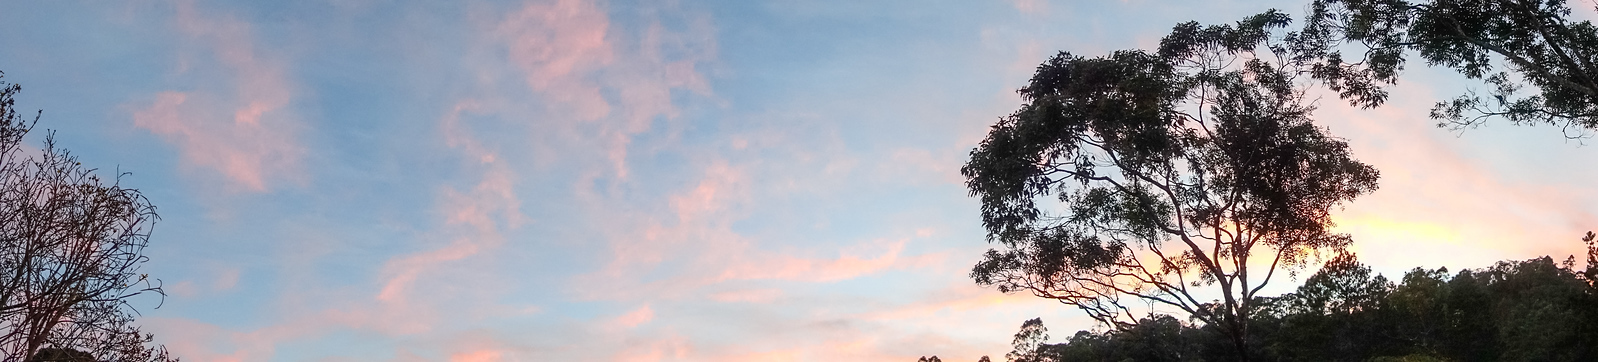 9-6-16 Sunrise - Itororo - Brazil-01495